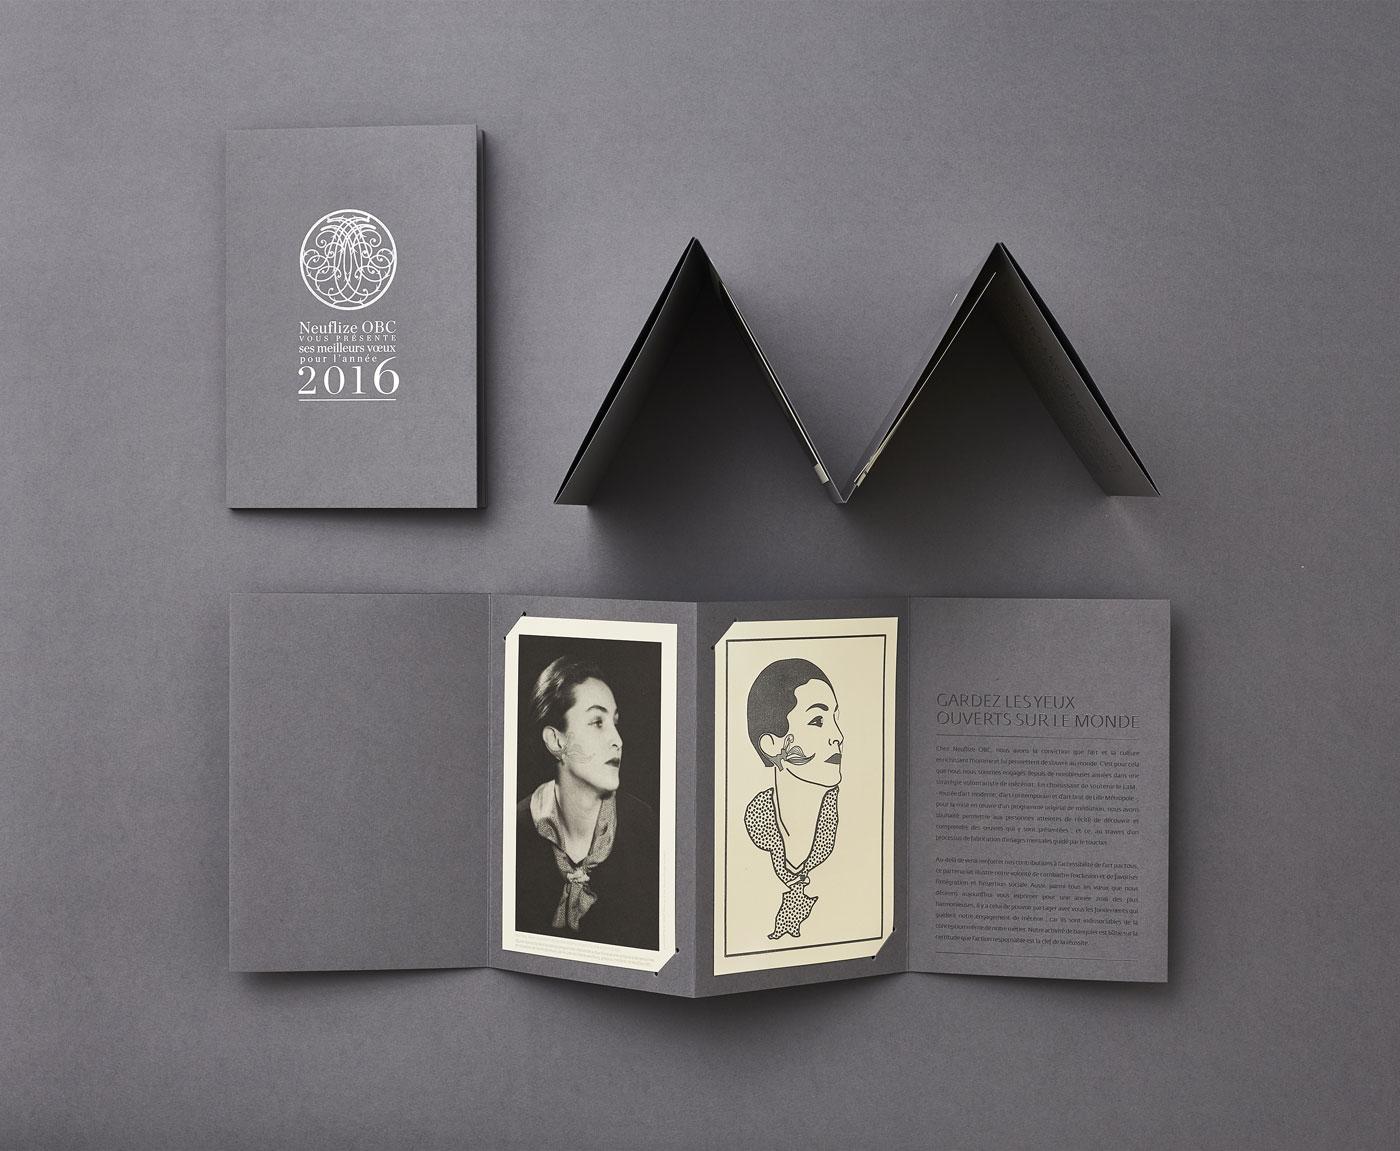 Neuflize - Cartes de voeux - Un design pensé par l'agence de design de Paris Partisan du Sens.